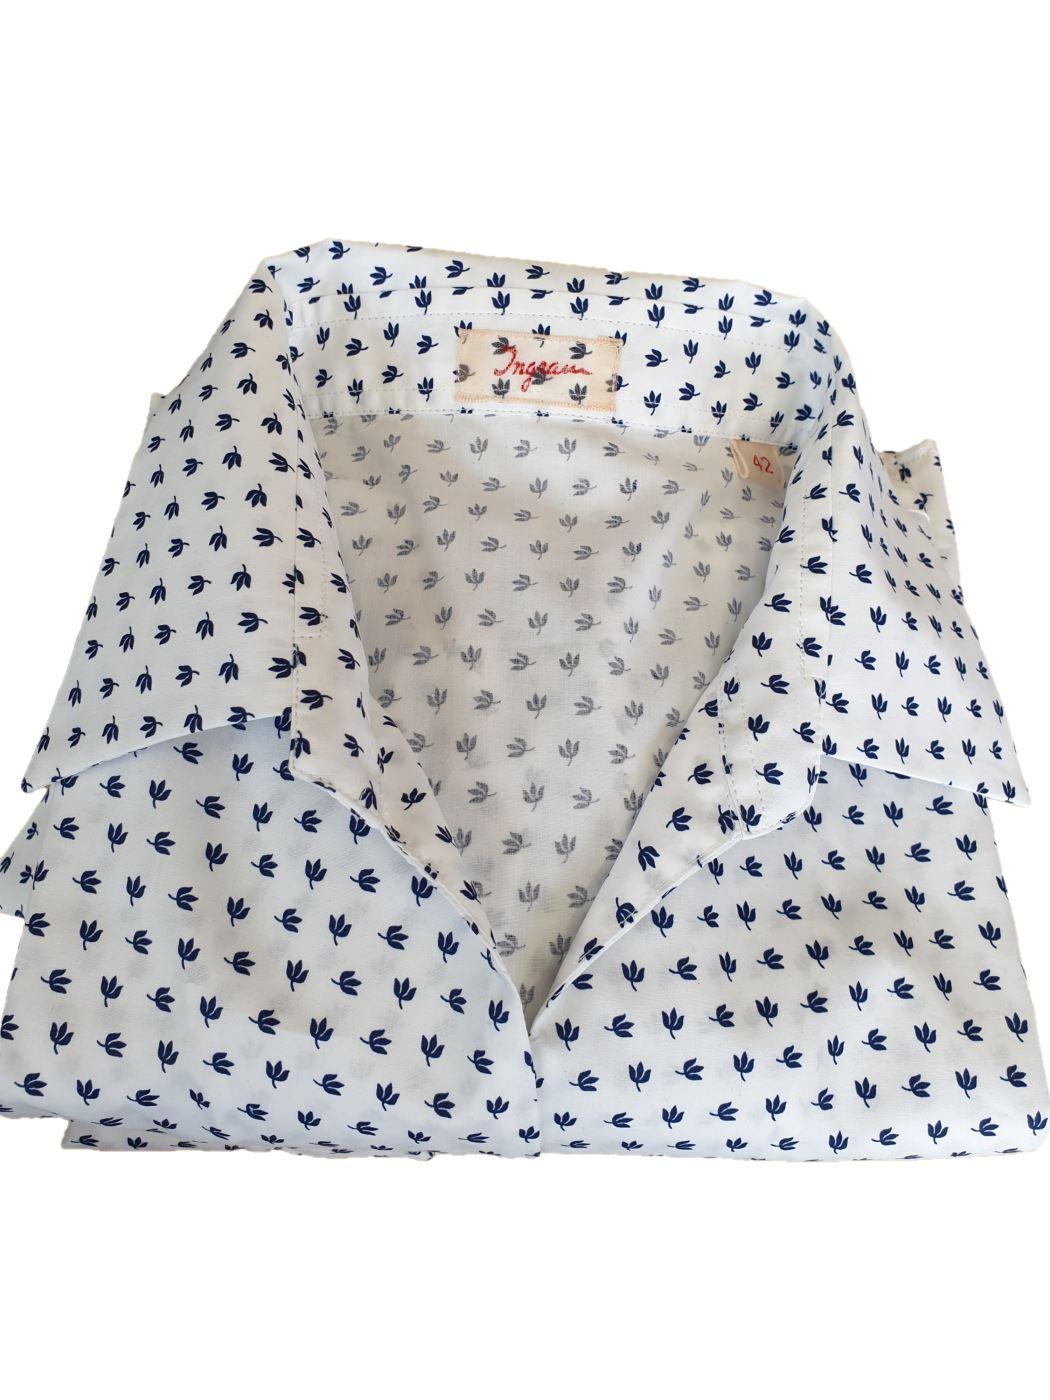 Camicia Donna Manica Tre Quarti IS5F021